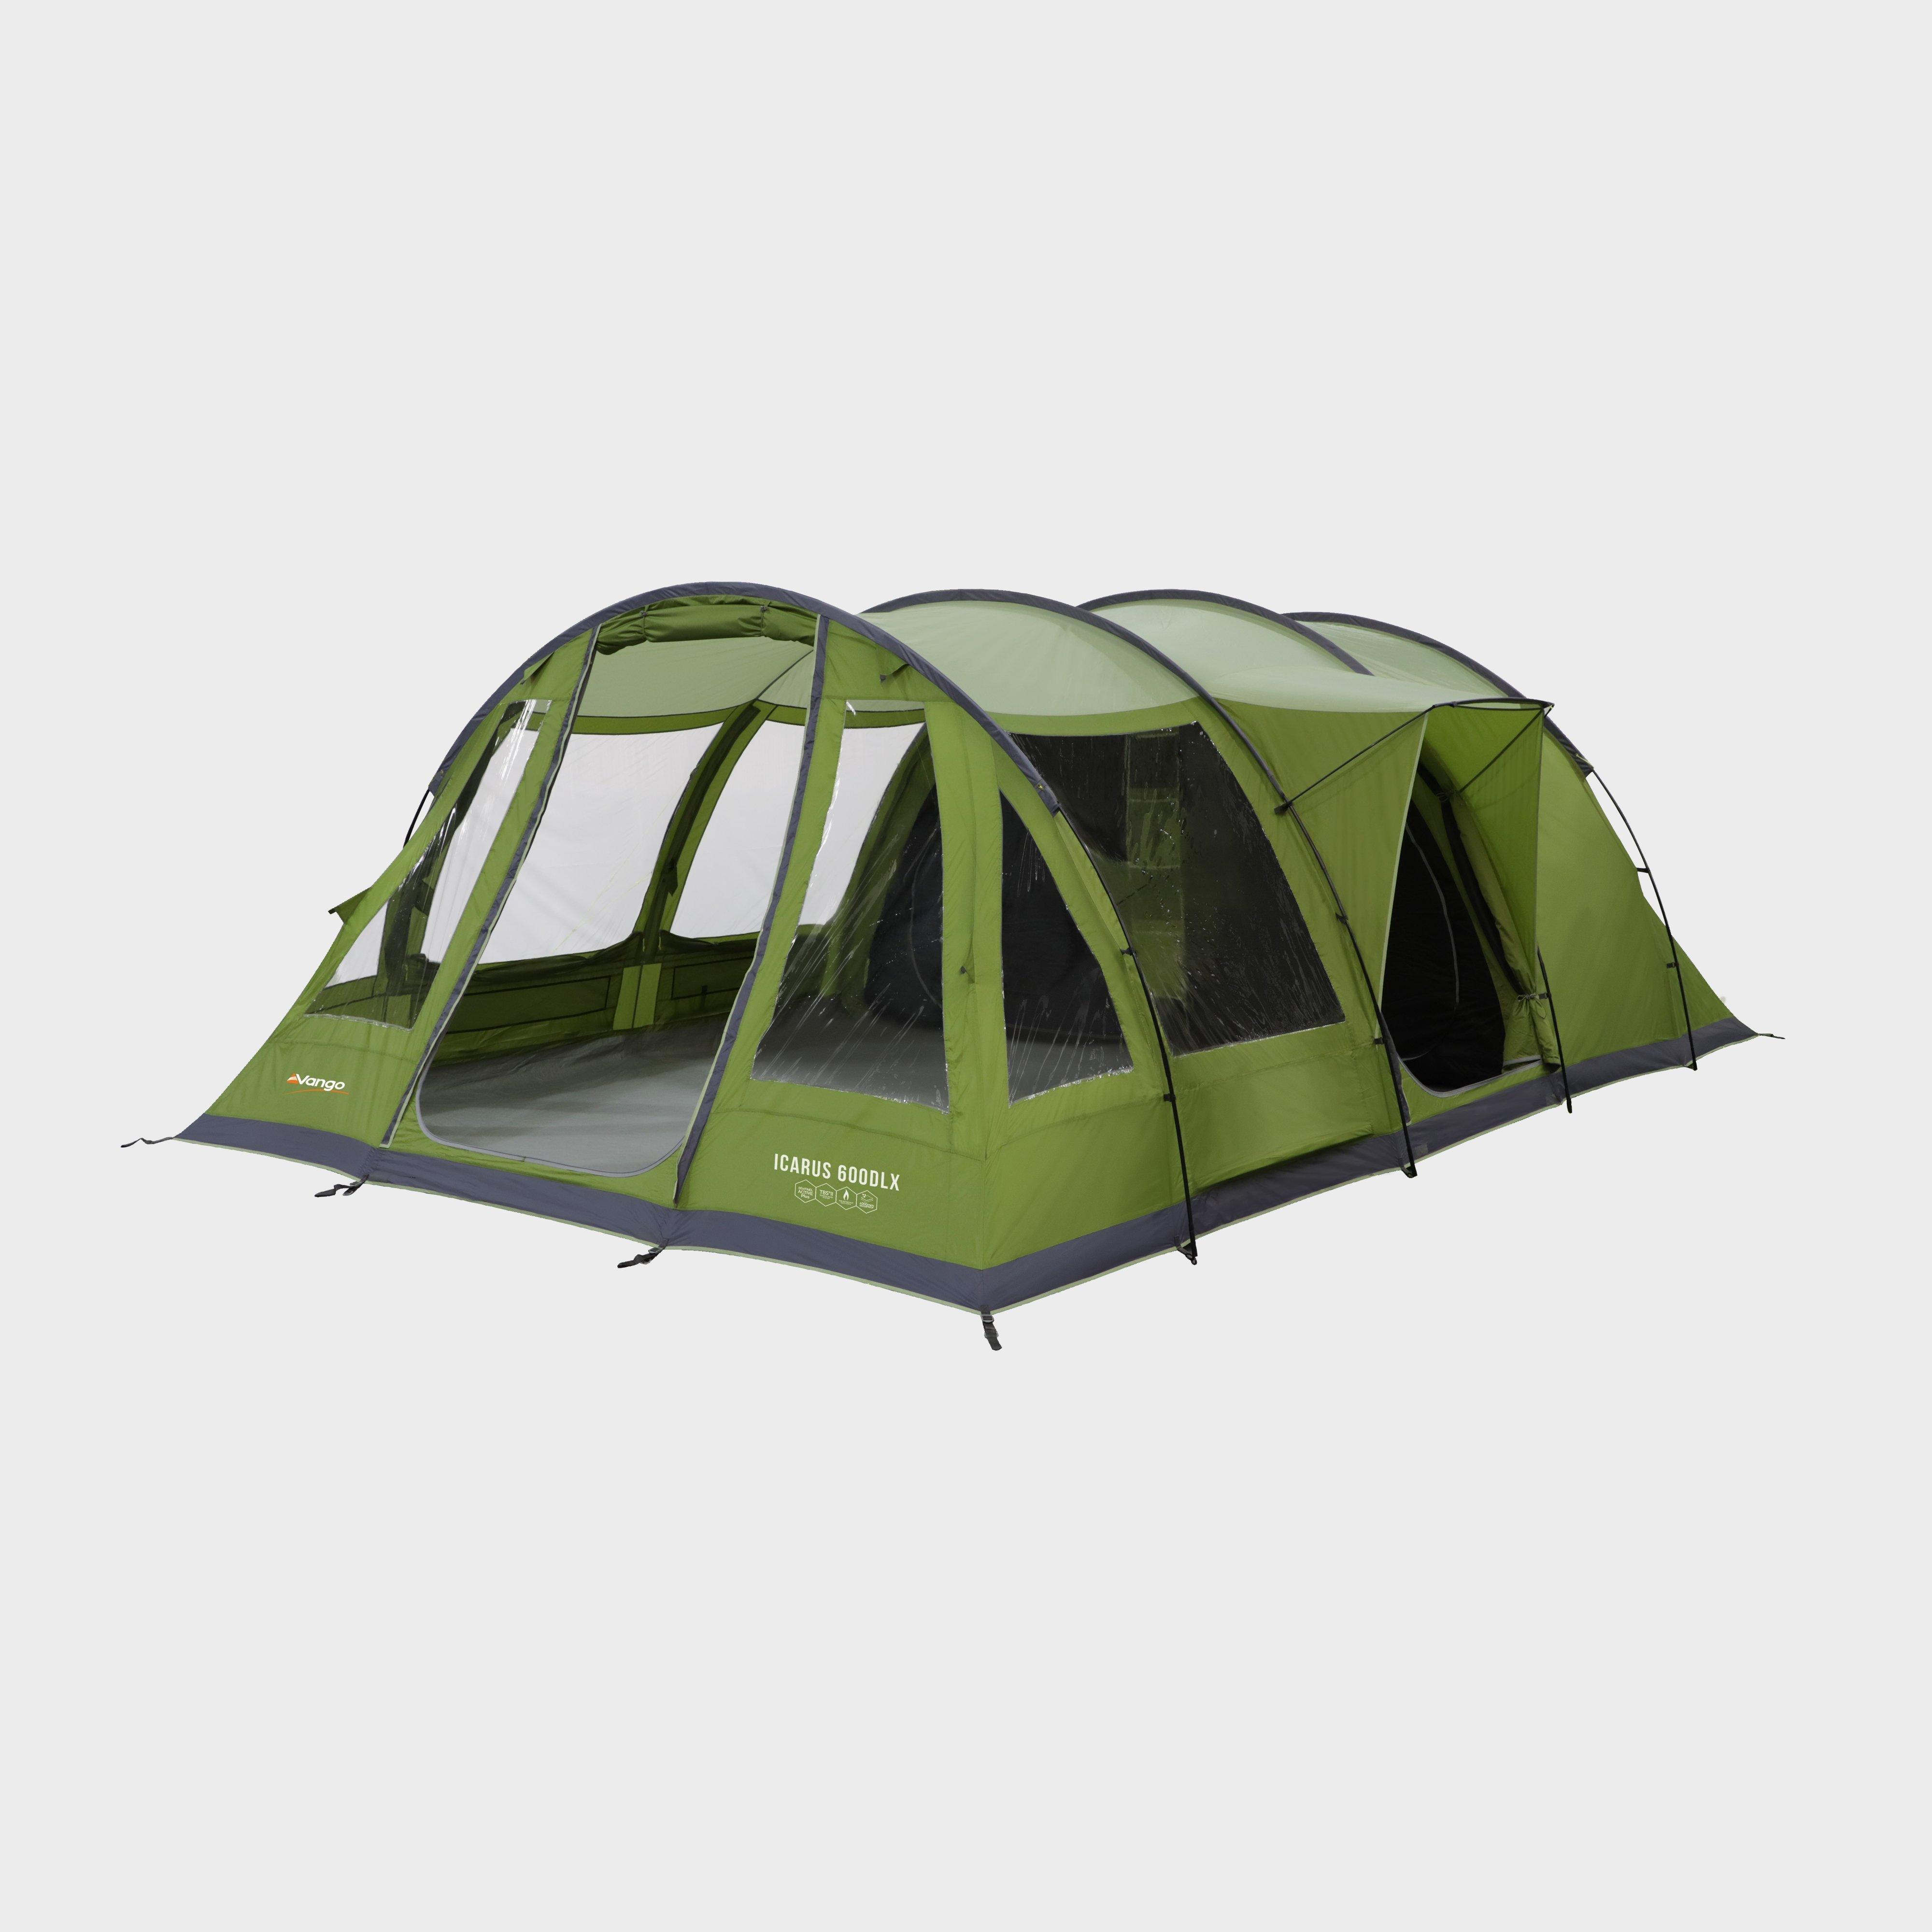 Vango Vango Icarus 600DXL Tent, Green